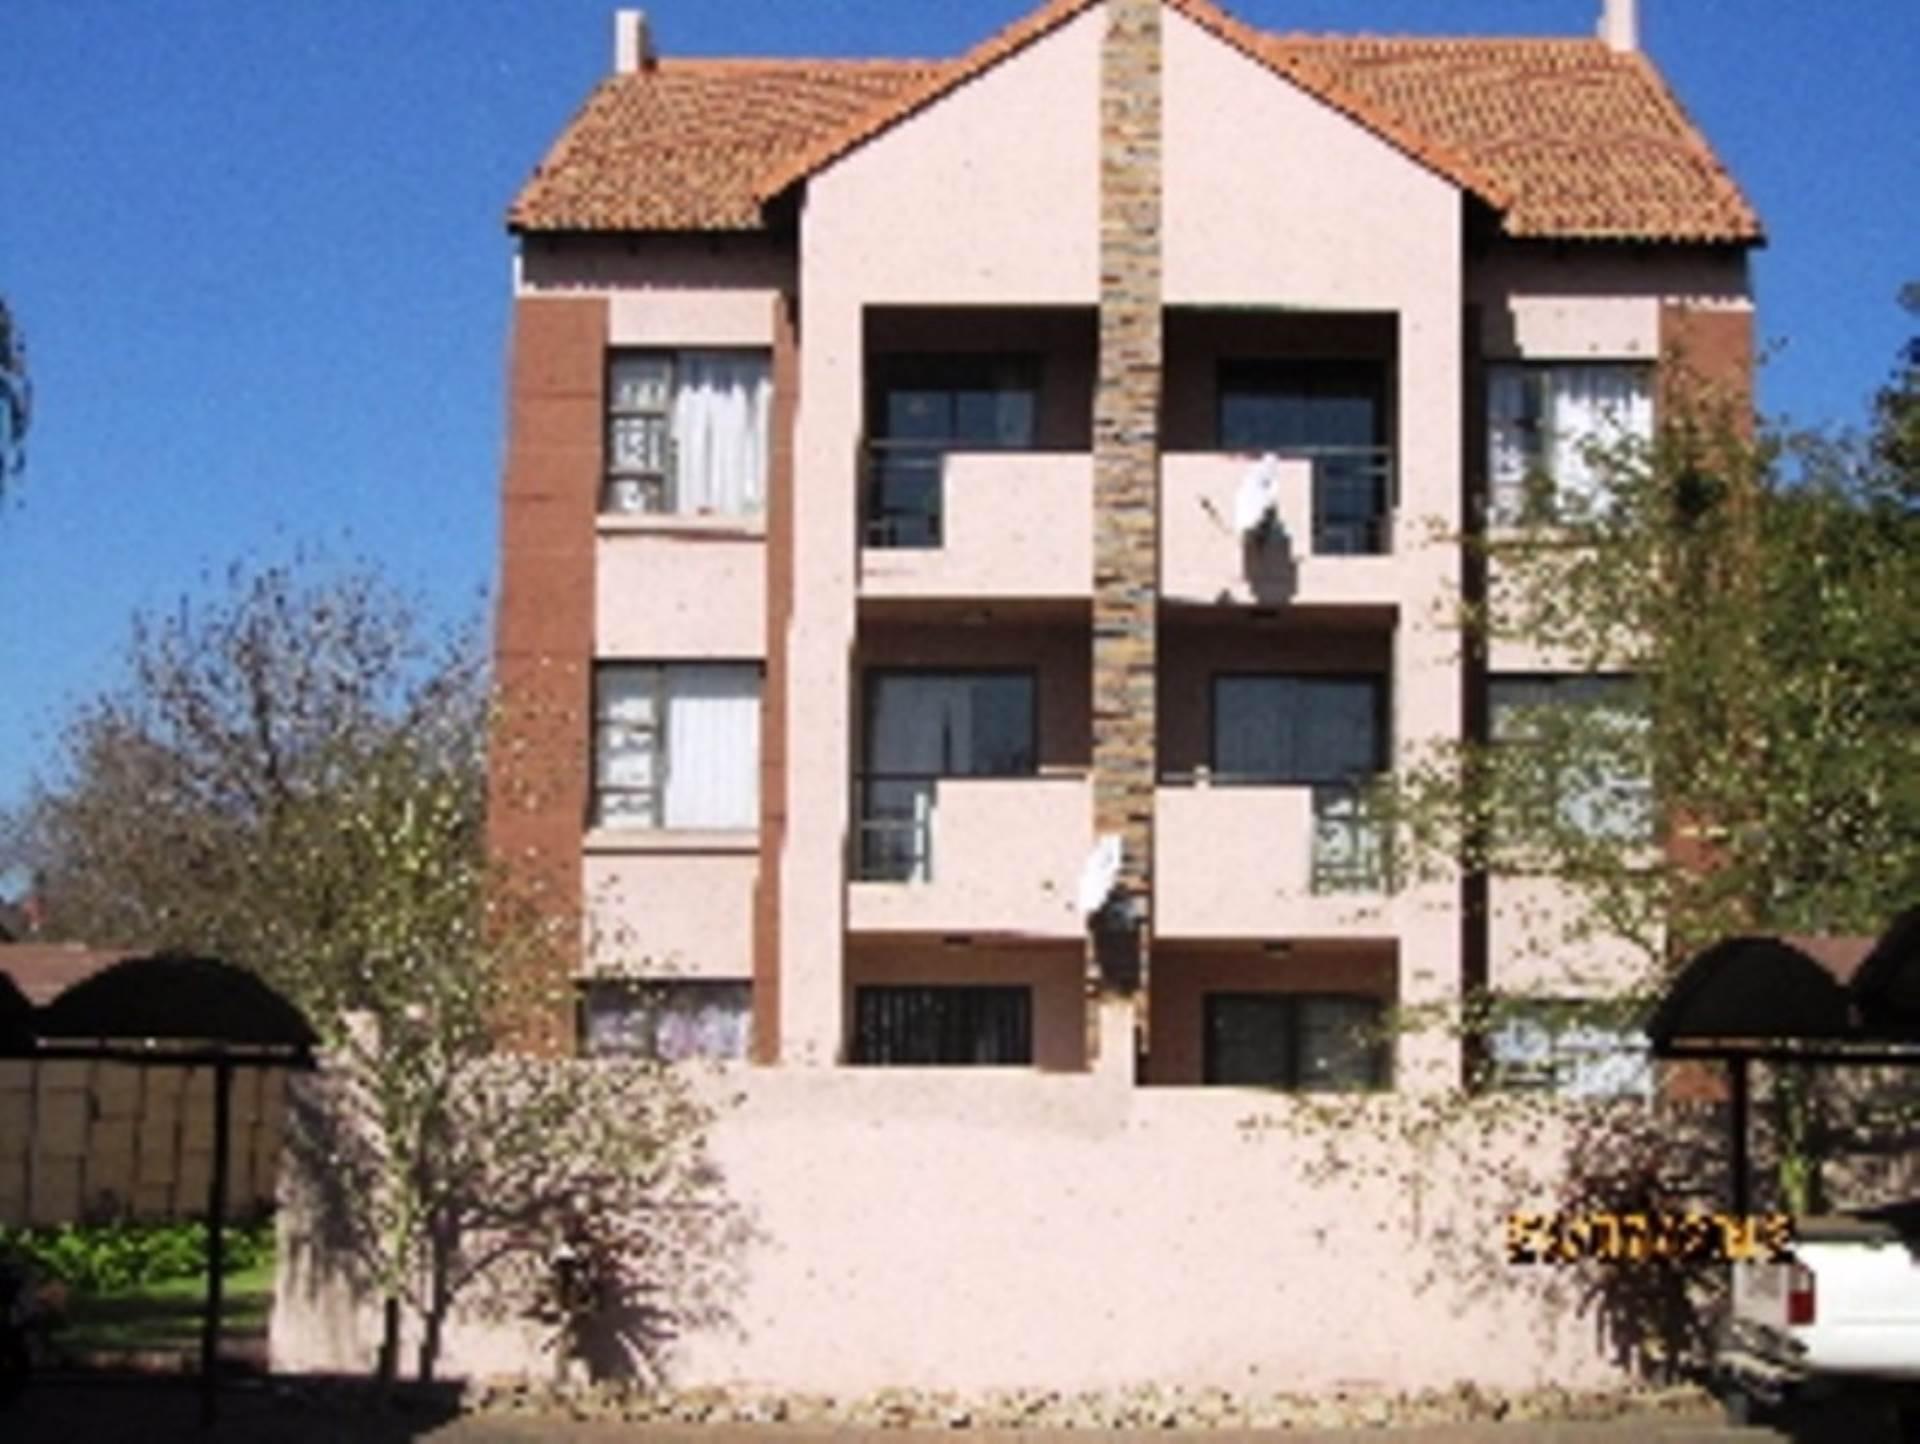 House To Rent In Annlin 2 Bedroom 13484504 1 10 Cyberprop